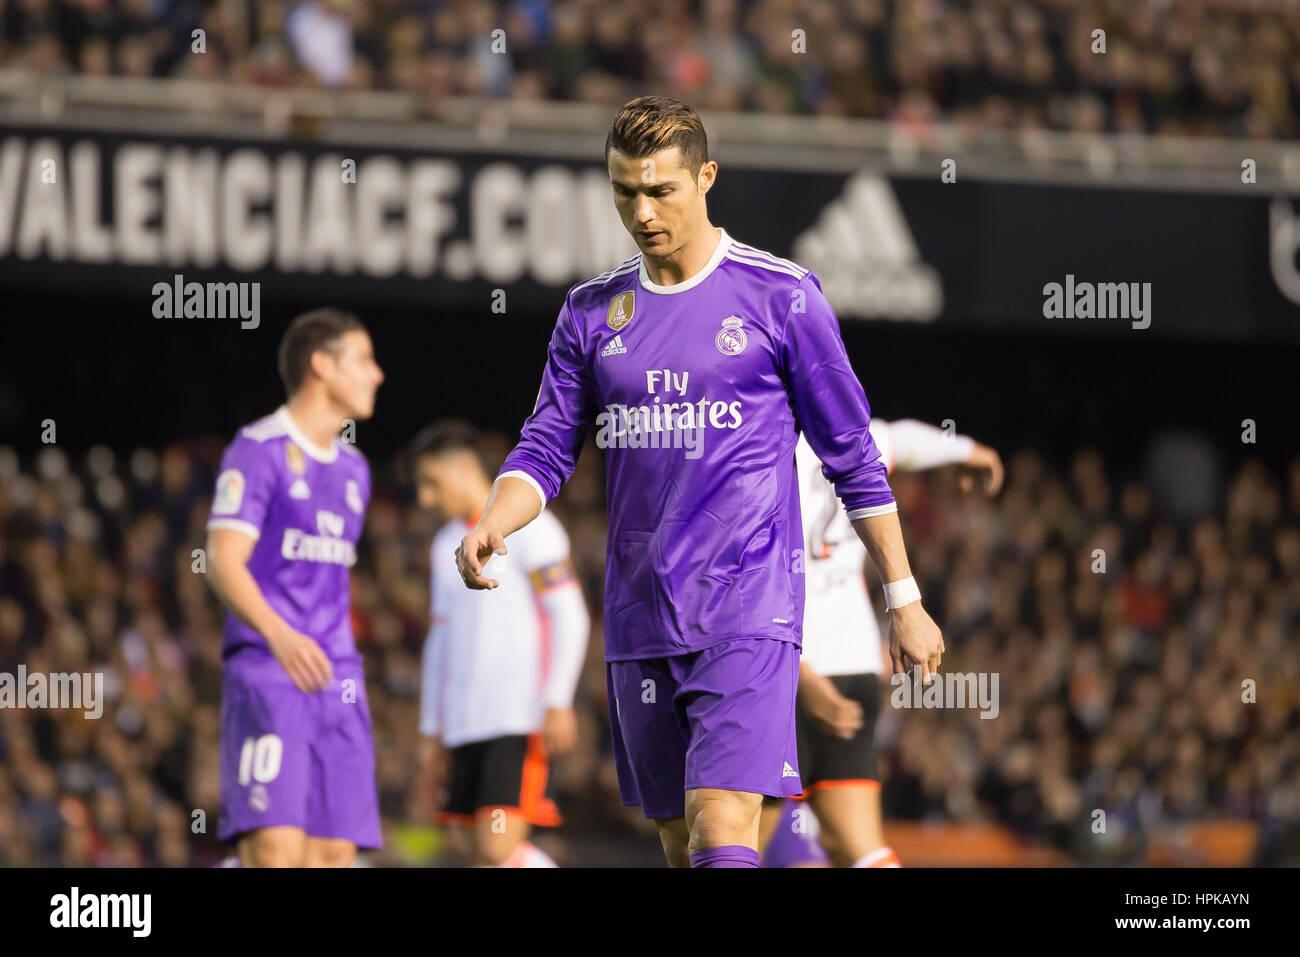 9c6065f22 Cristiano Ronaldo Real Madrid Football Stock Photos   Cristiano ...